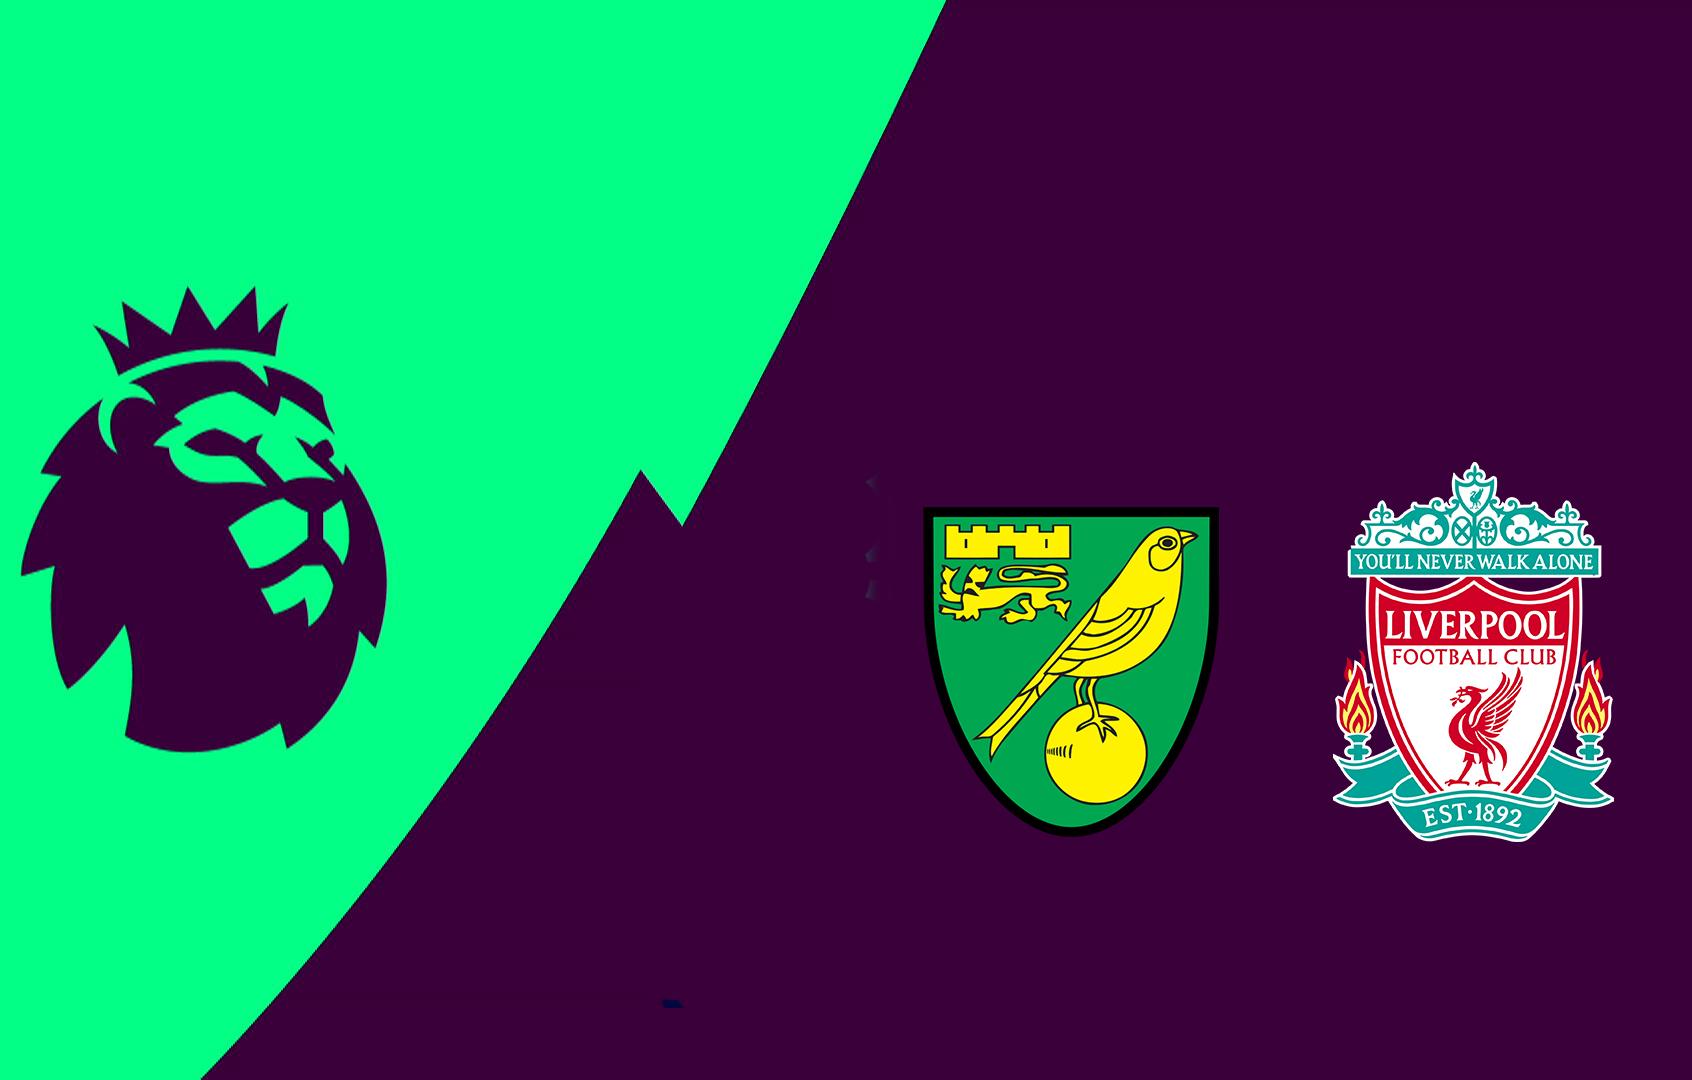 soi-keo-ca-cuoc-bong-da-ngay-9-2-Norwich-vs-Liverpool-do-it-thang-do-nhieu-b9 1